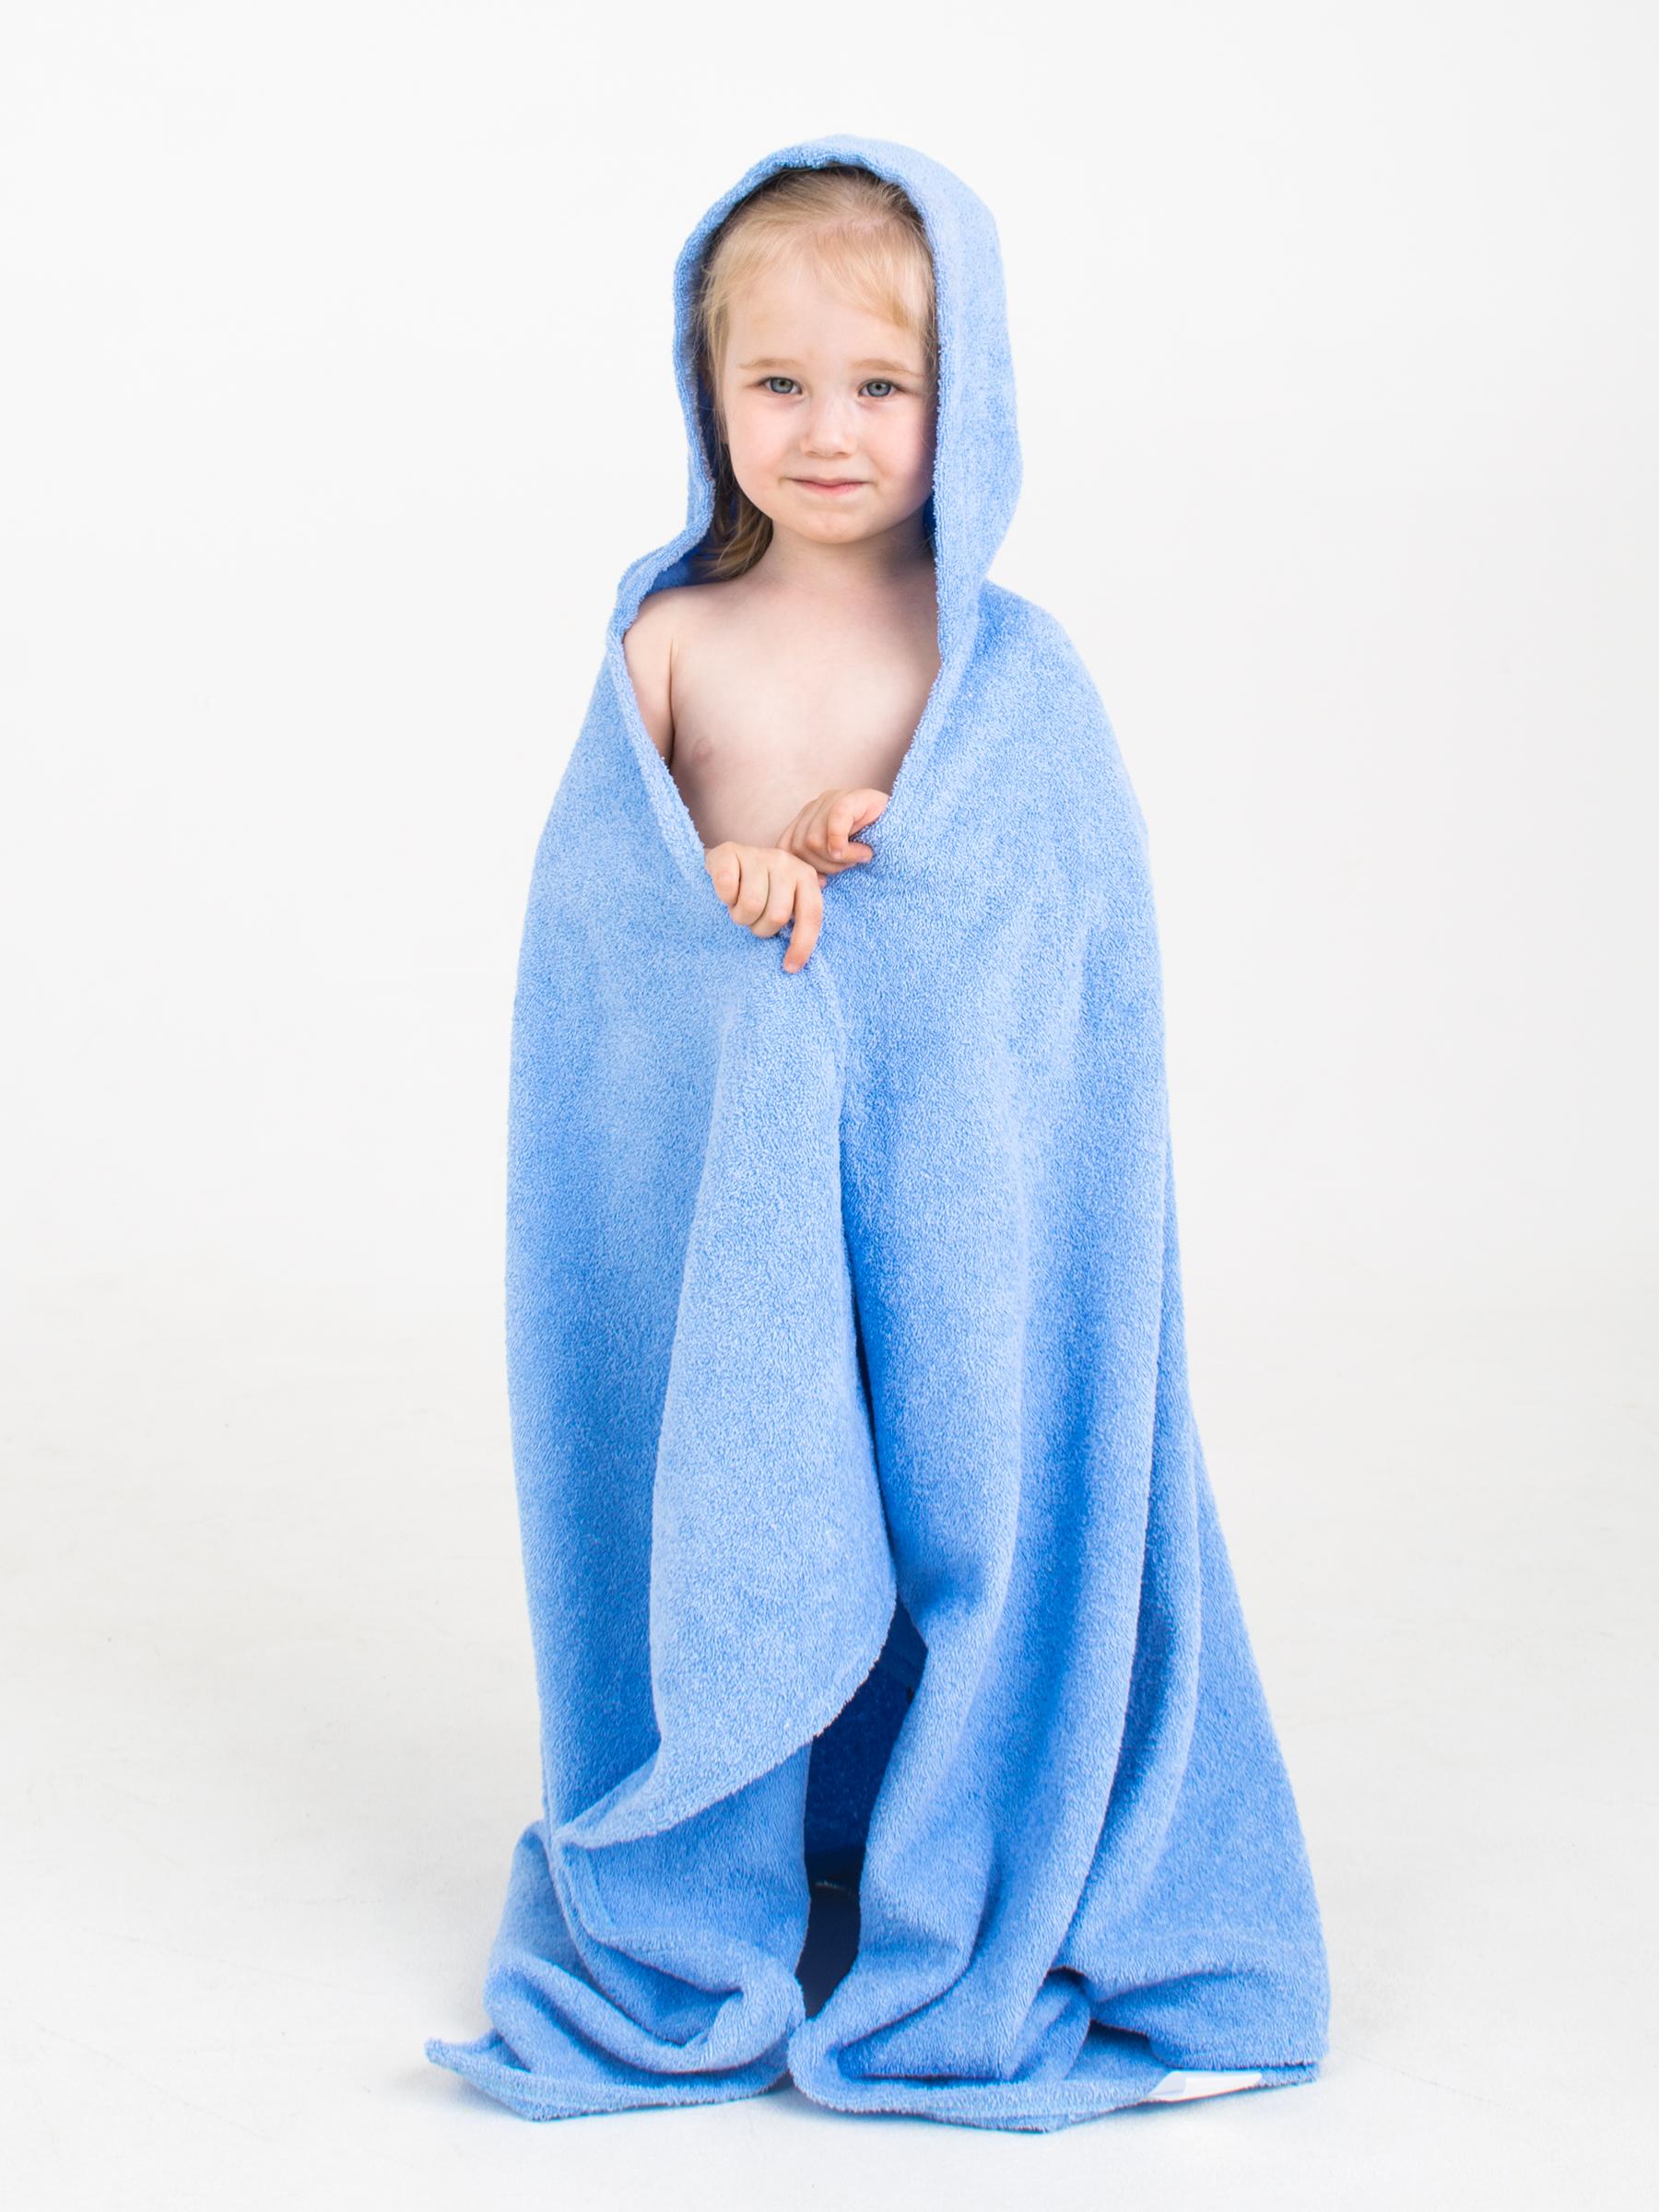 Полотенце детское BabyBunny Полотенце с капюшоном - Голубое, M, голубой imsevimse полотенце с капюшоном cова